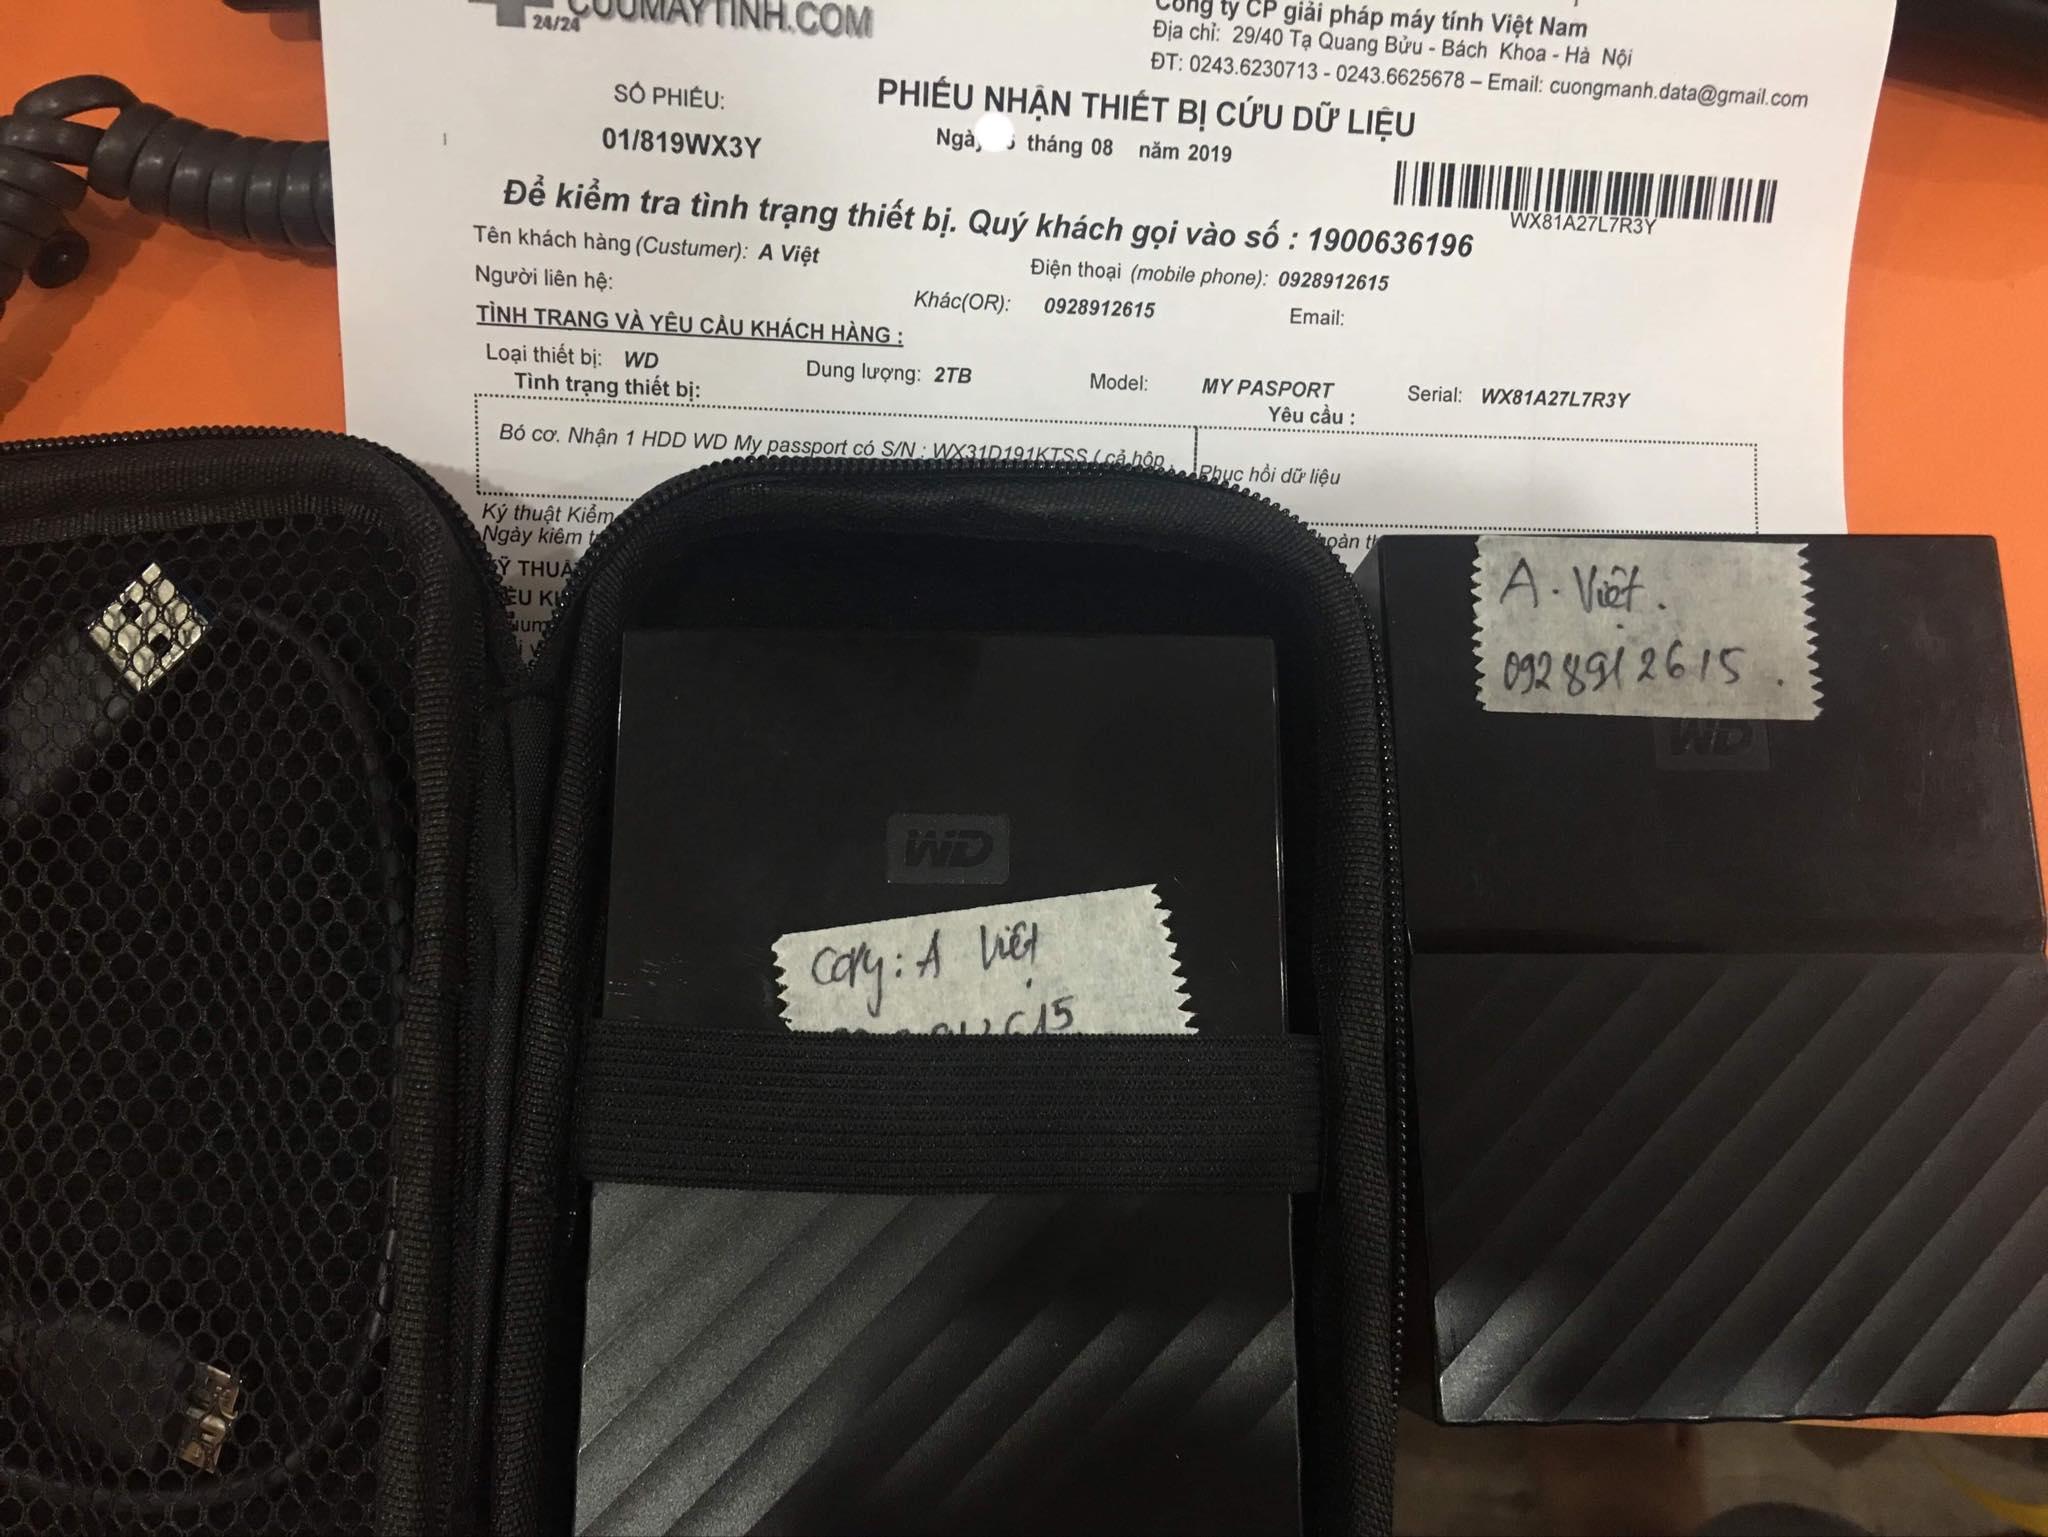 Lấy dữ liệu ổ cứng Western 2TB bó cơ 20/08/2019 - cuumaytinh